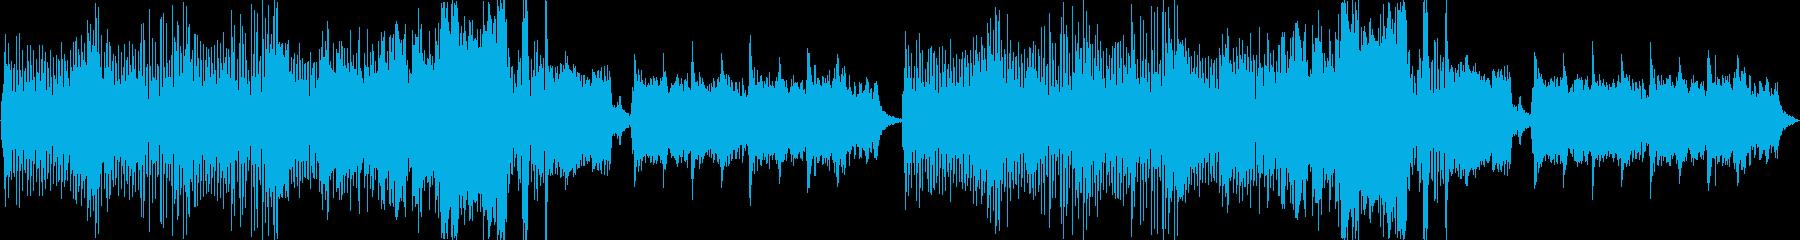 わくわく、楽しい、幻想的で明るい楽曲の再生済みの波形